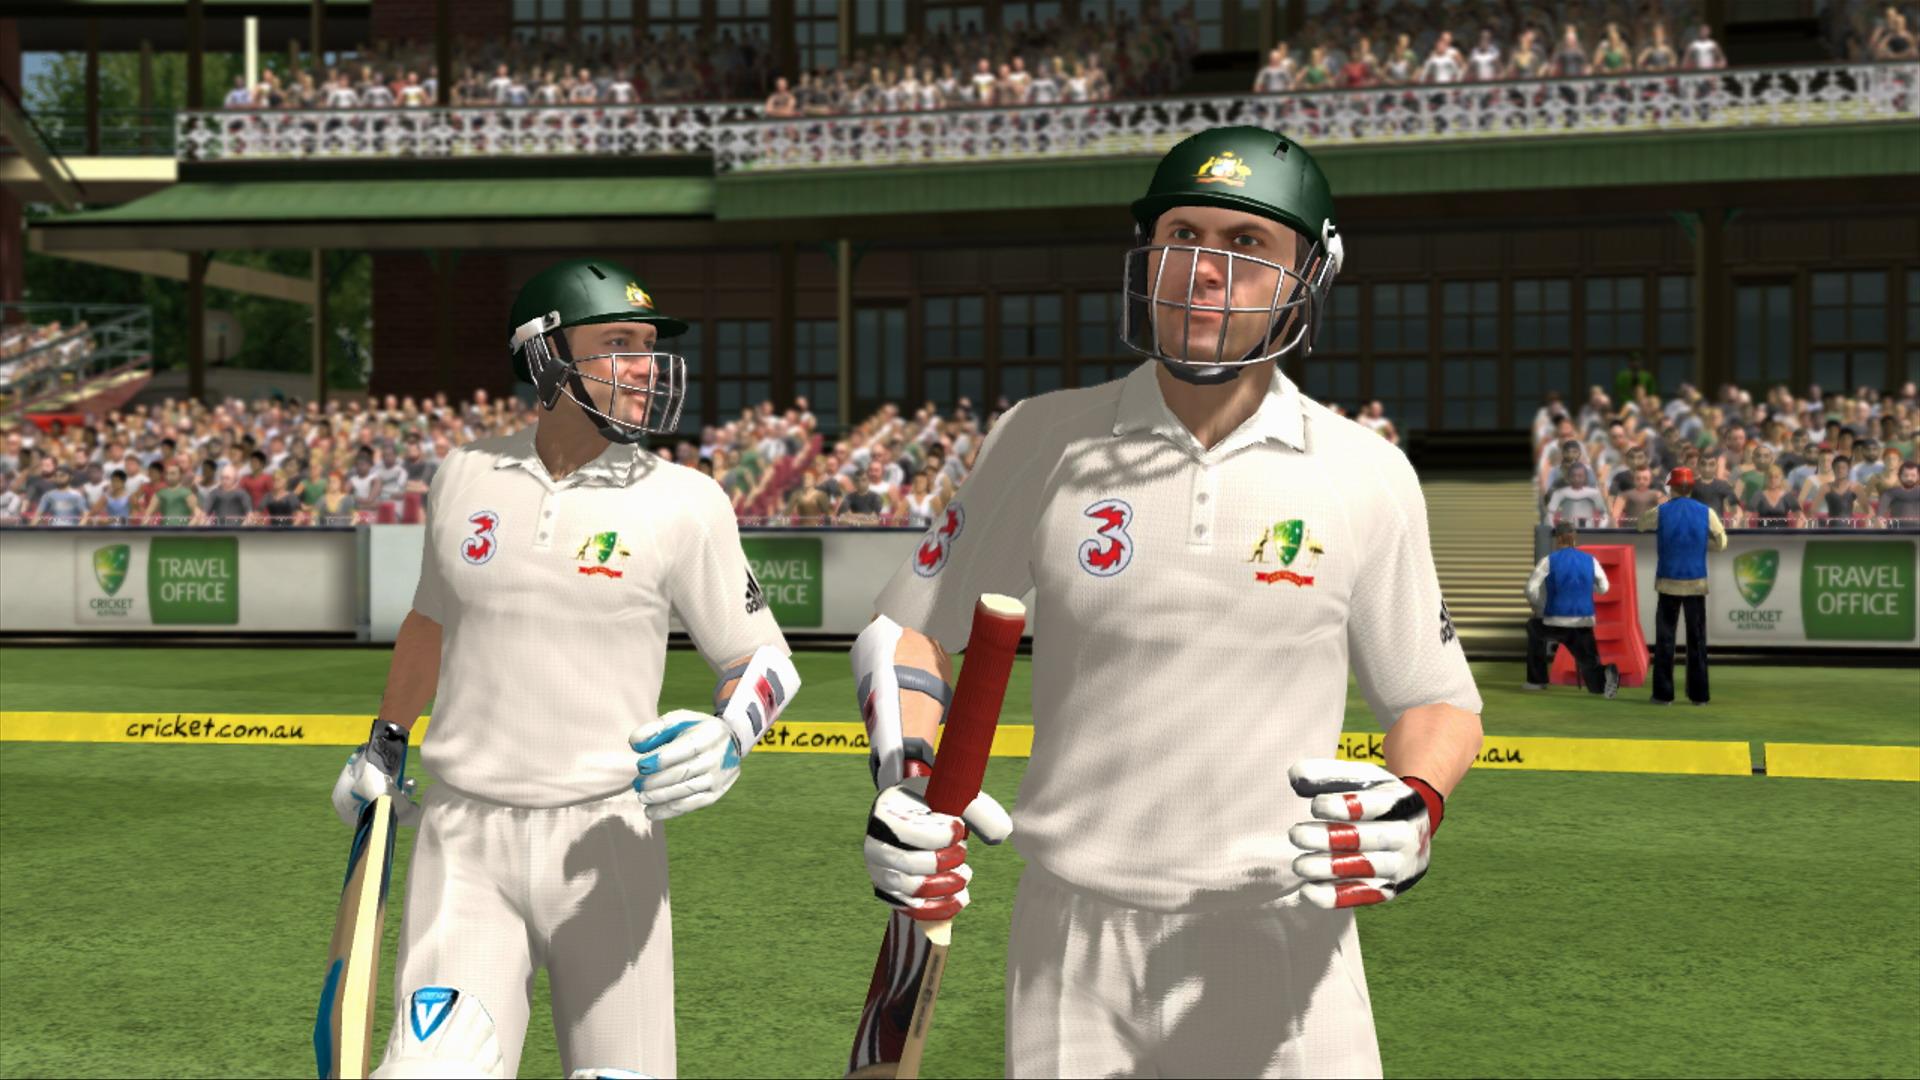 Cricket Games at